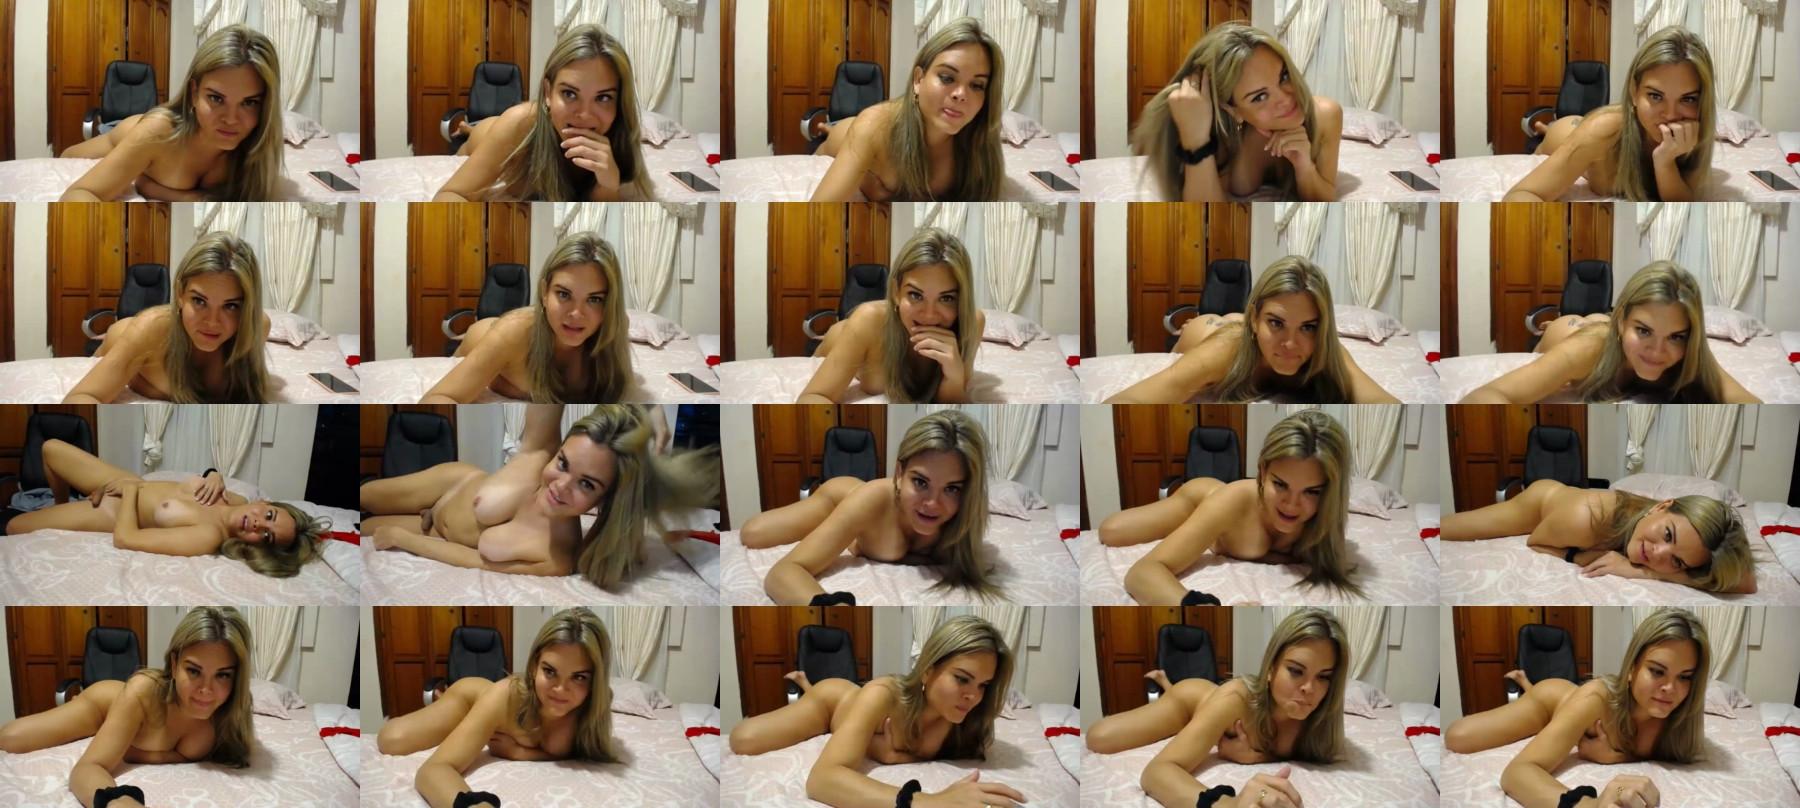 Sexefantasia Chaturbate 15-04-2021 Trans Webcam